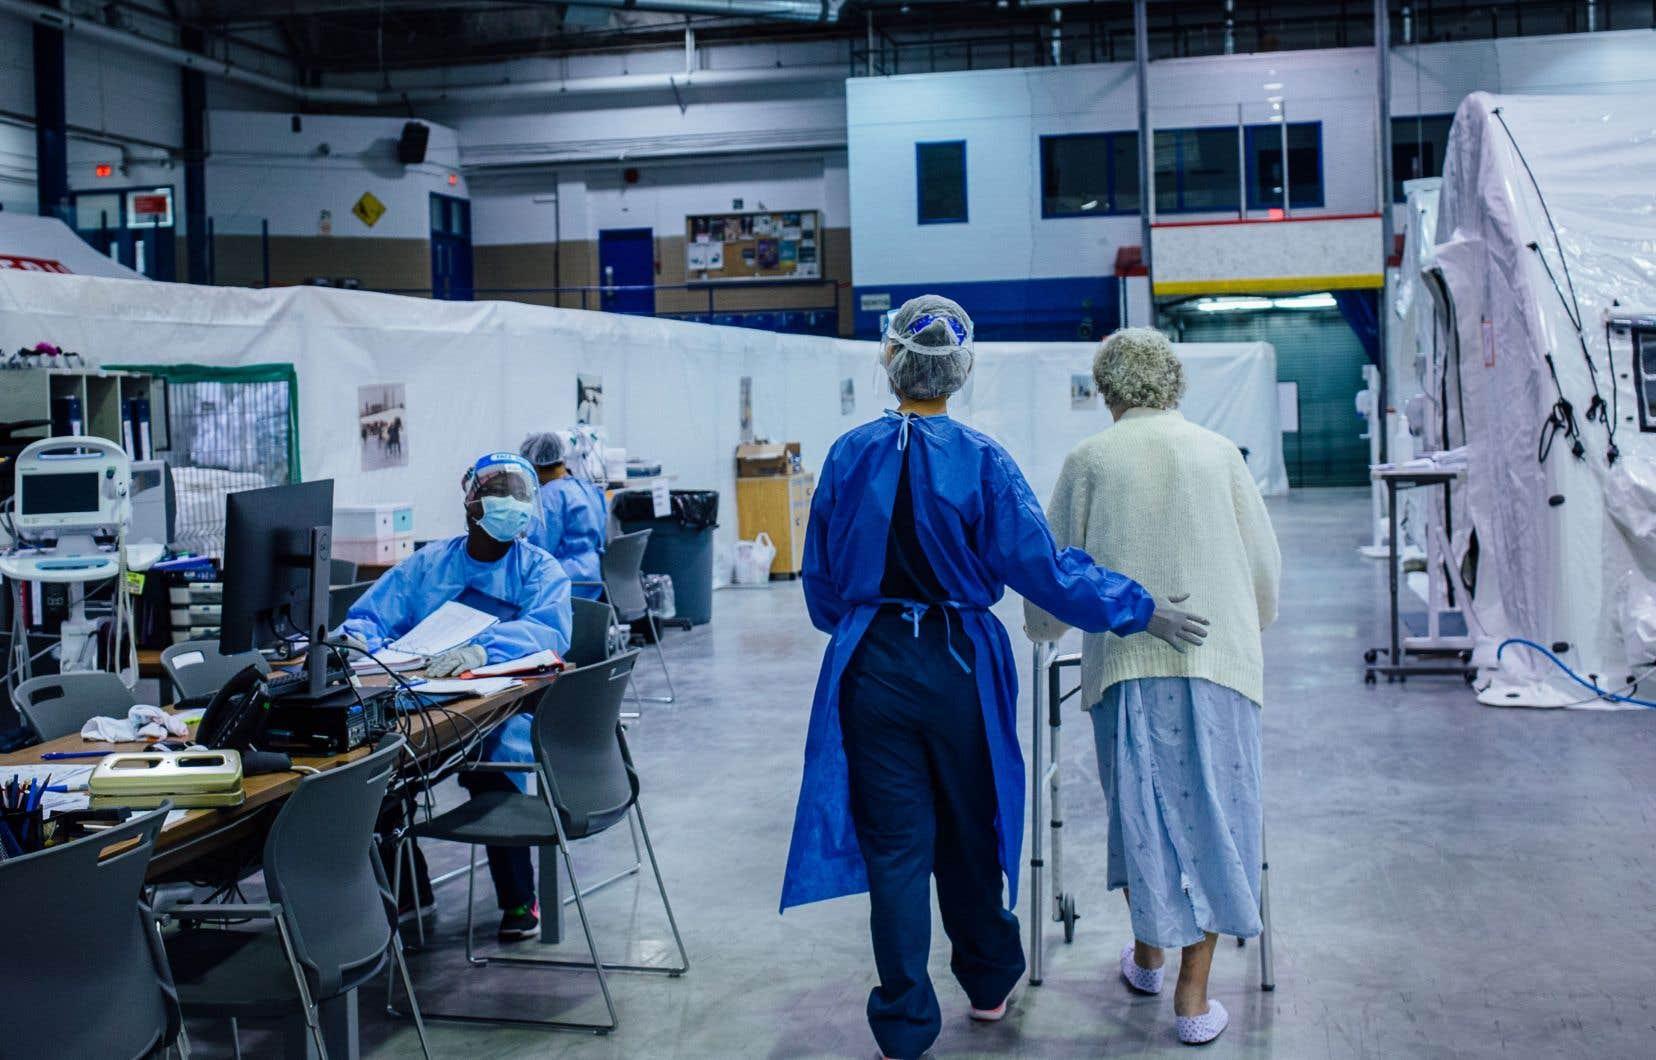 L'infirmière Marjorie Cosep accompagnait une patiente, Edythe Wilson, pendant sa marche quotidienne, fin mai, à l'intérieur de l'hôpital mobile de LaSalle.